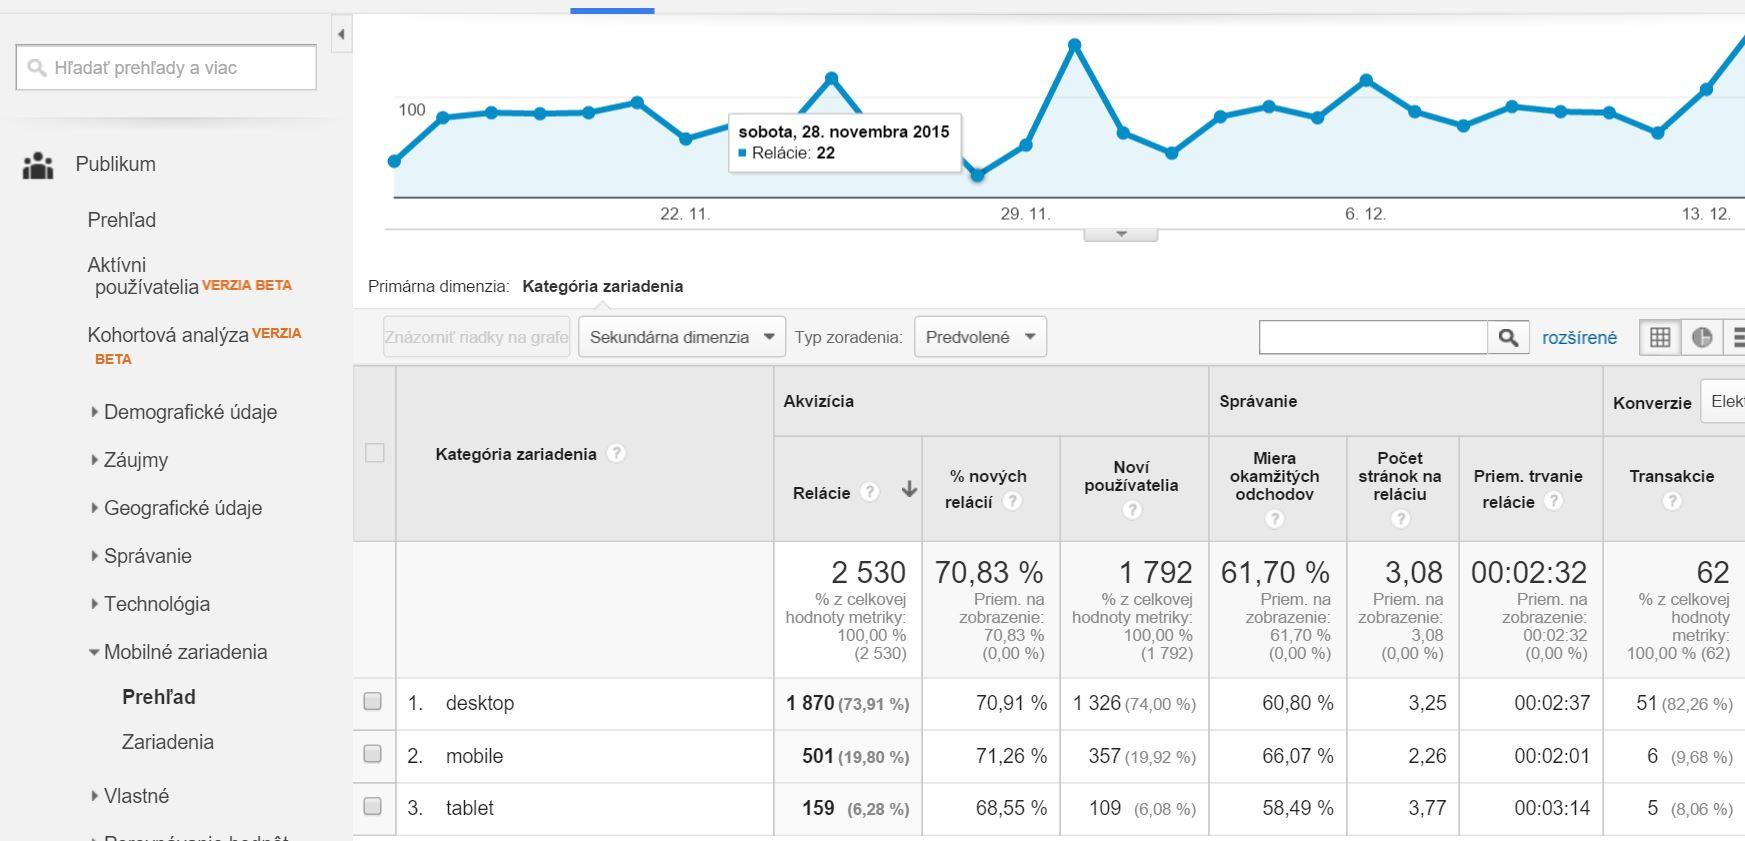 Google analytics - mobilné zariadené